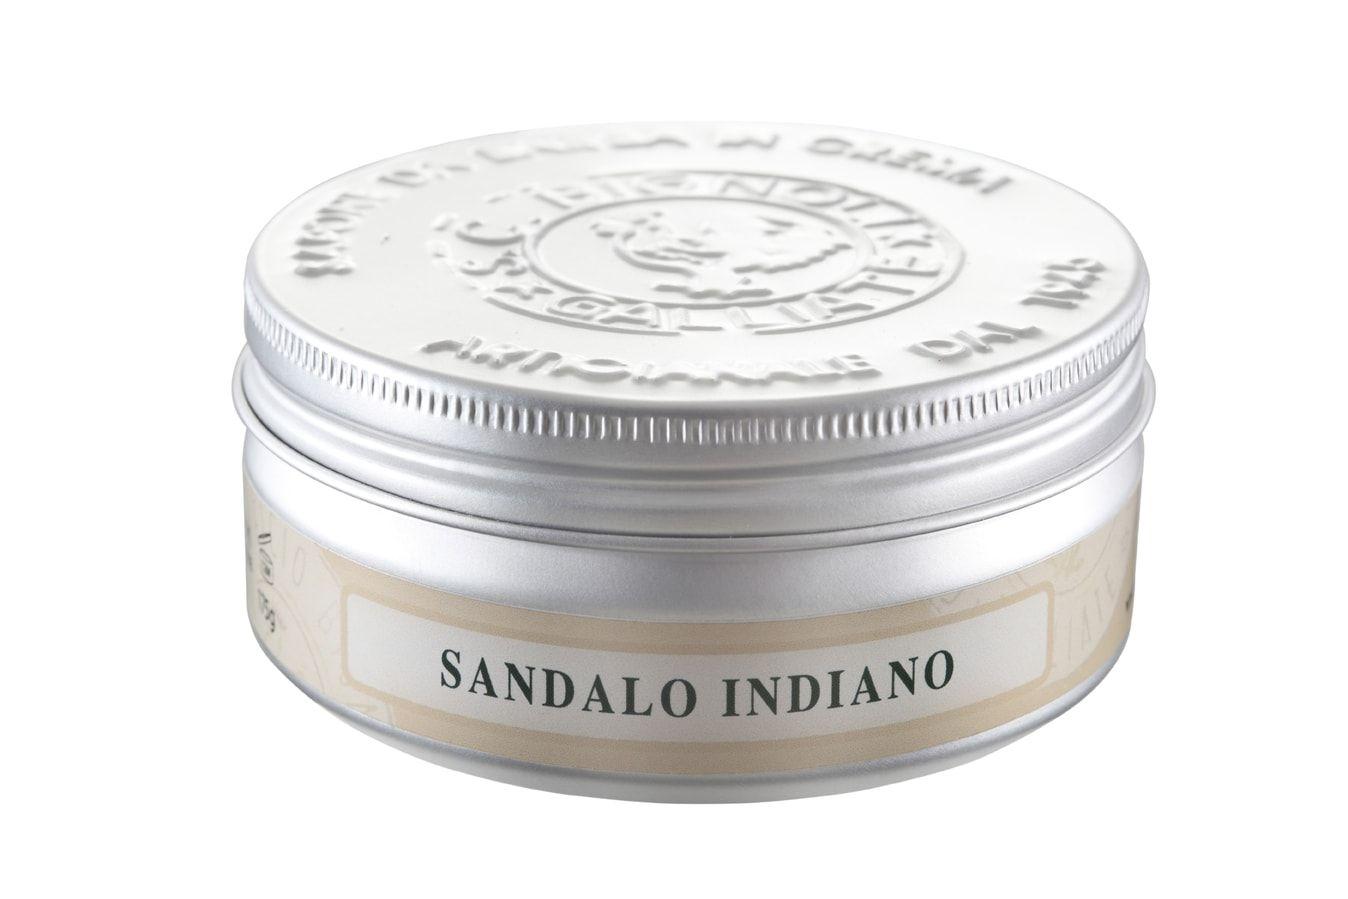 Creme de Barbear Snadalo Indiano- Saponificio Bignoli C.